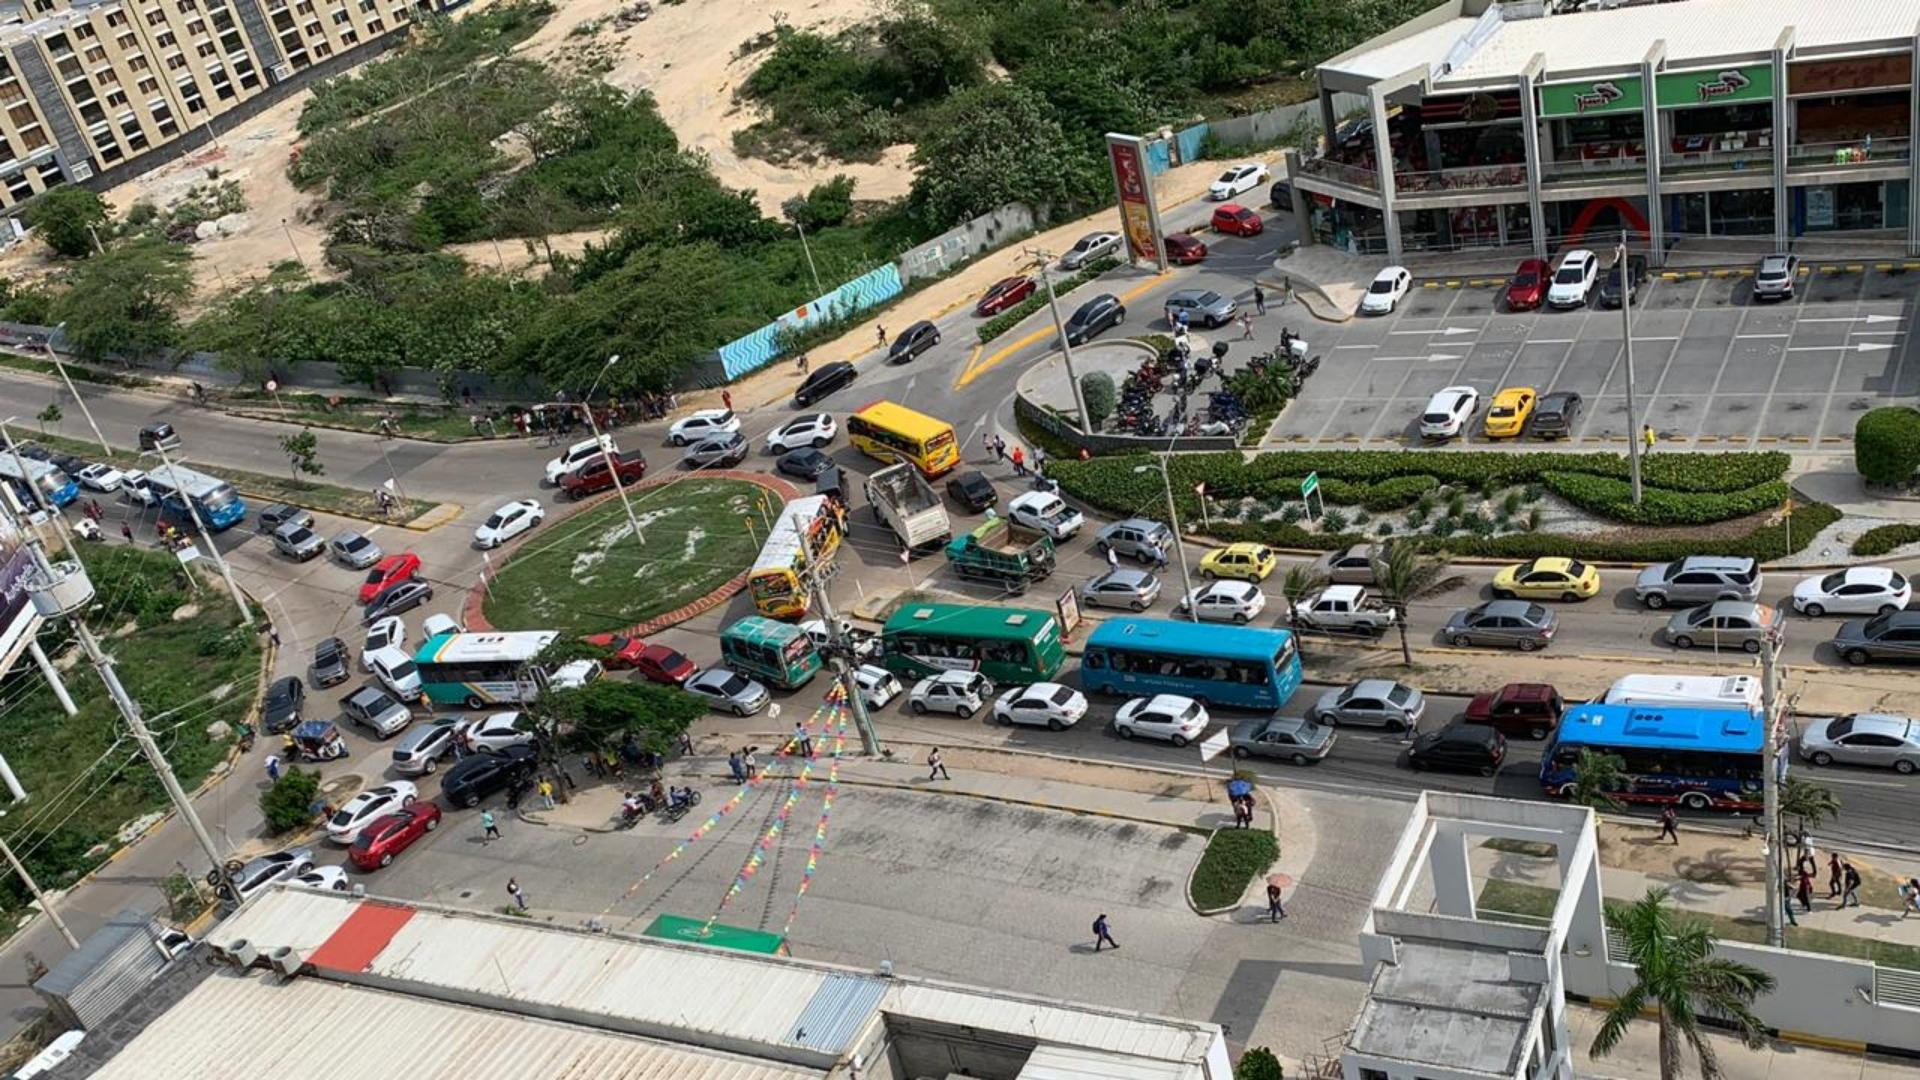 Filas de carros, buses y motos en contravía hacia las dos de la tarde en el Corredor Universitario.